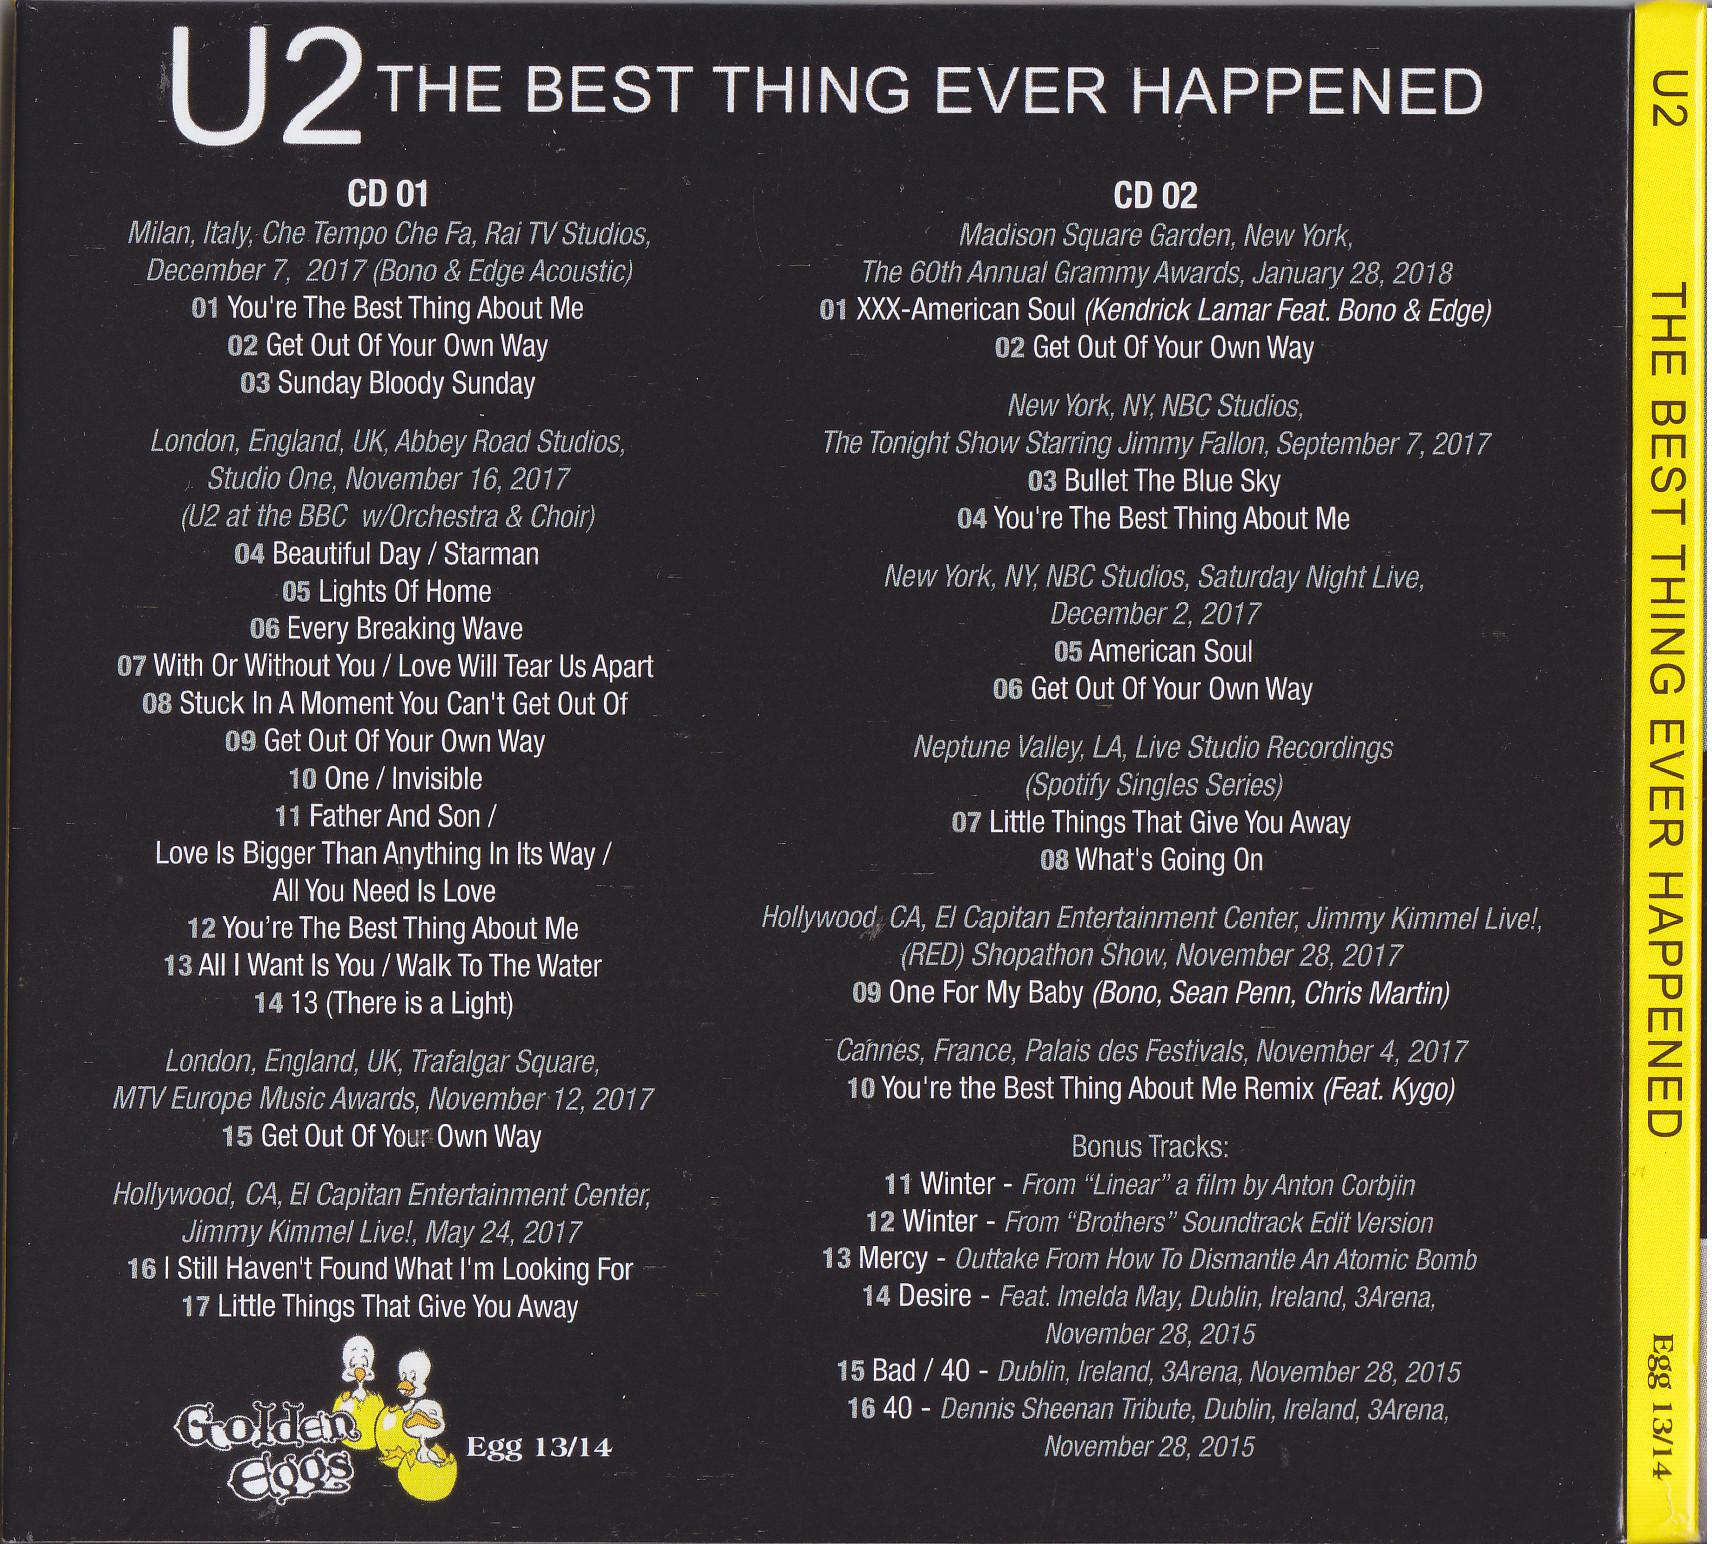 U2 -The Best Thing Ever Happened (2CD Digipak)Golden Eggs-Egg 13/14